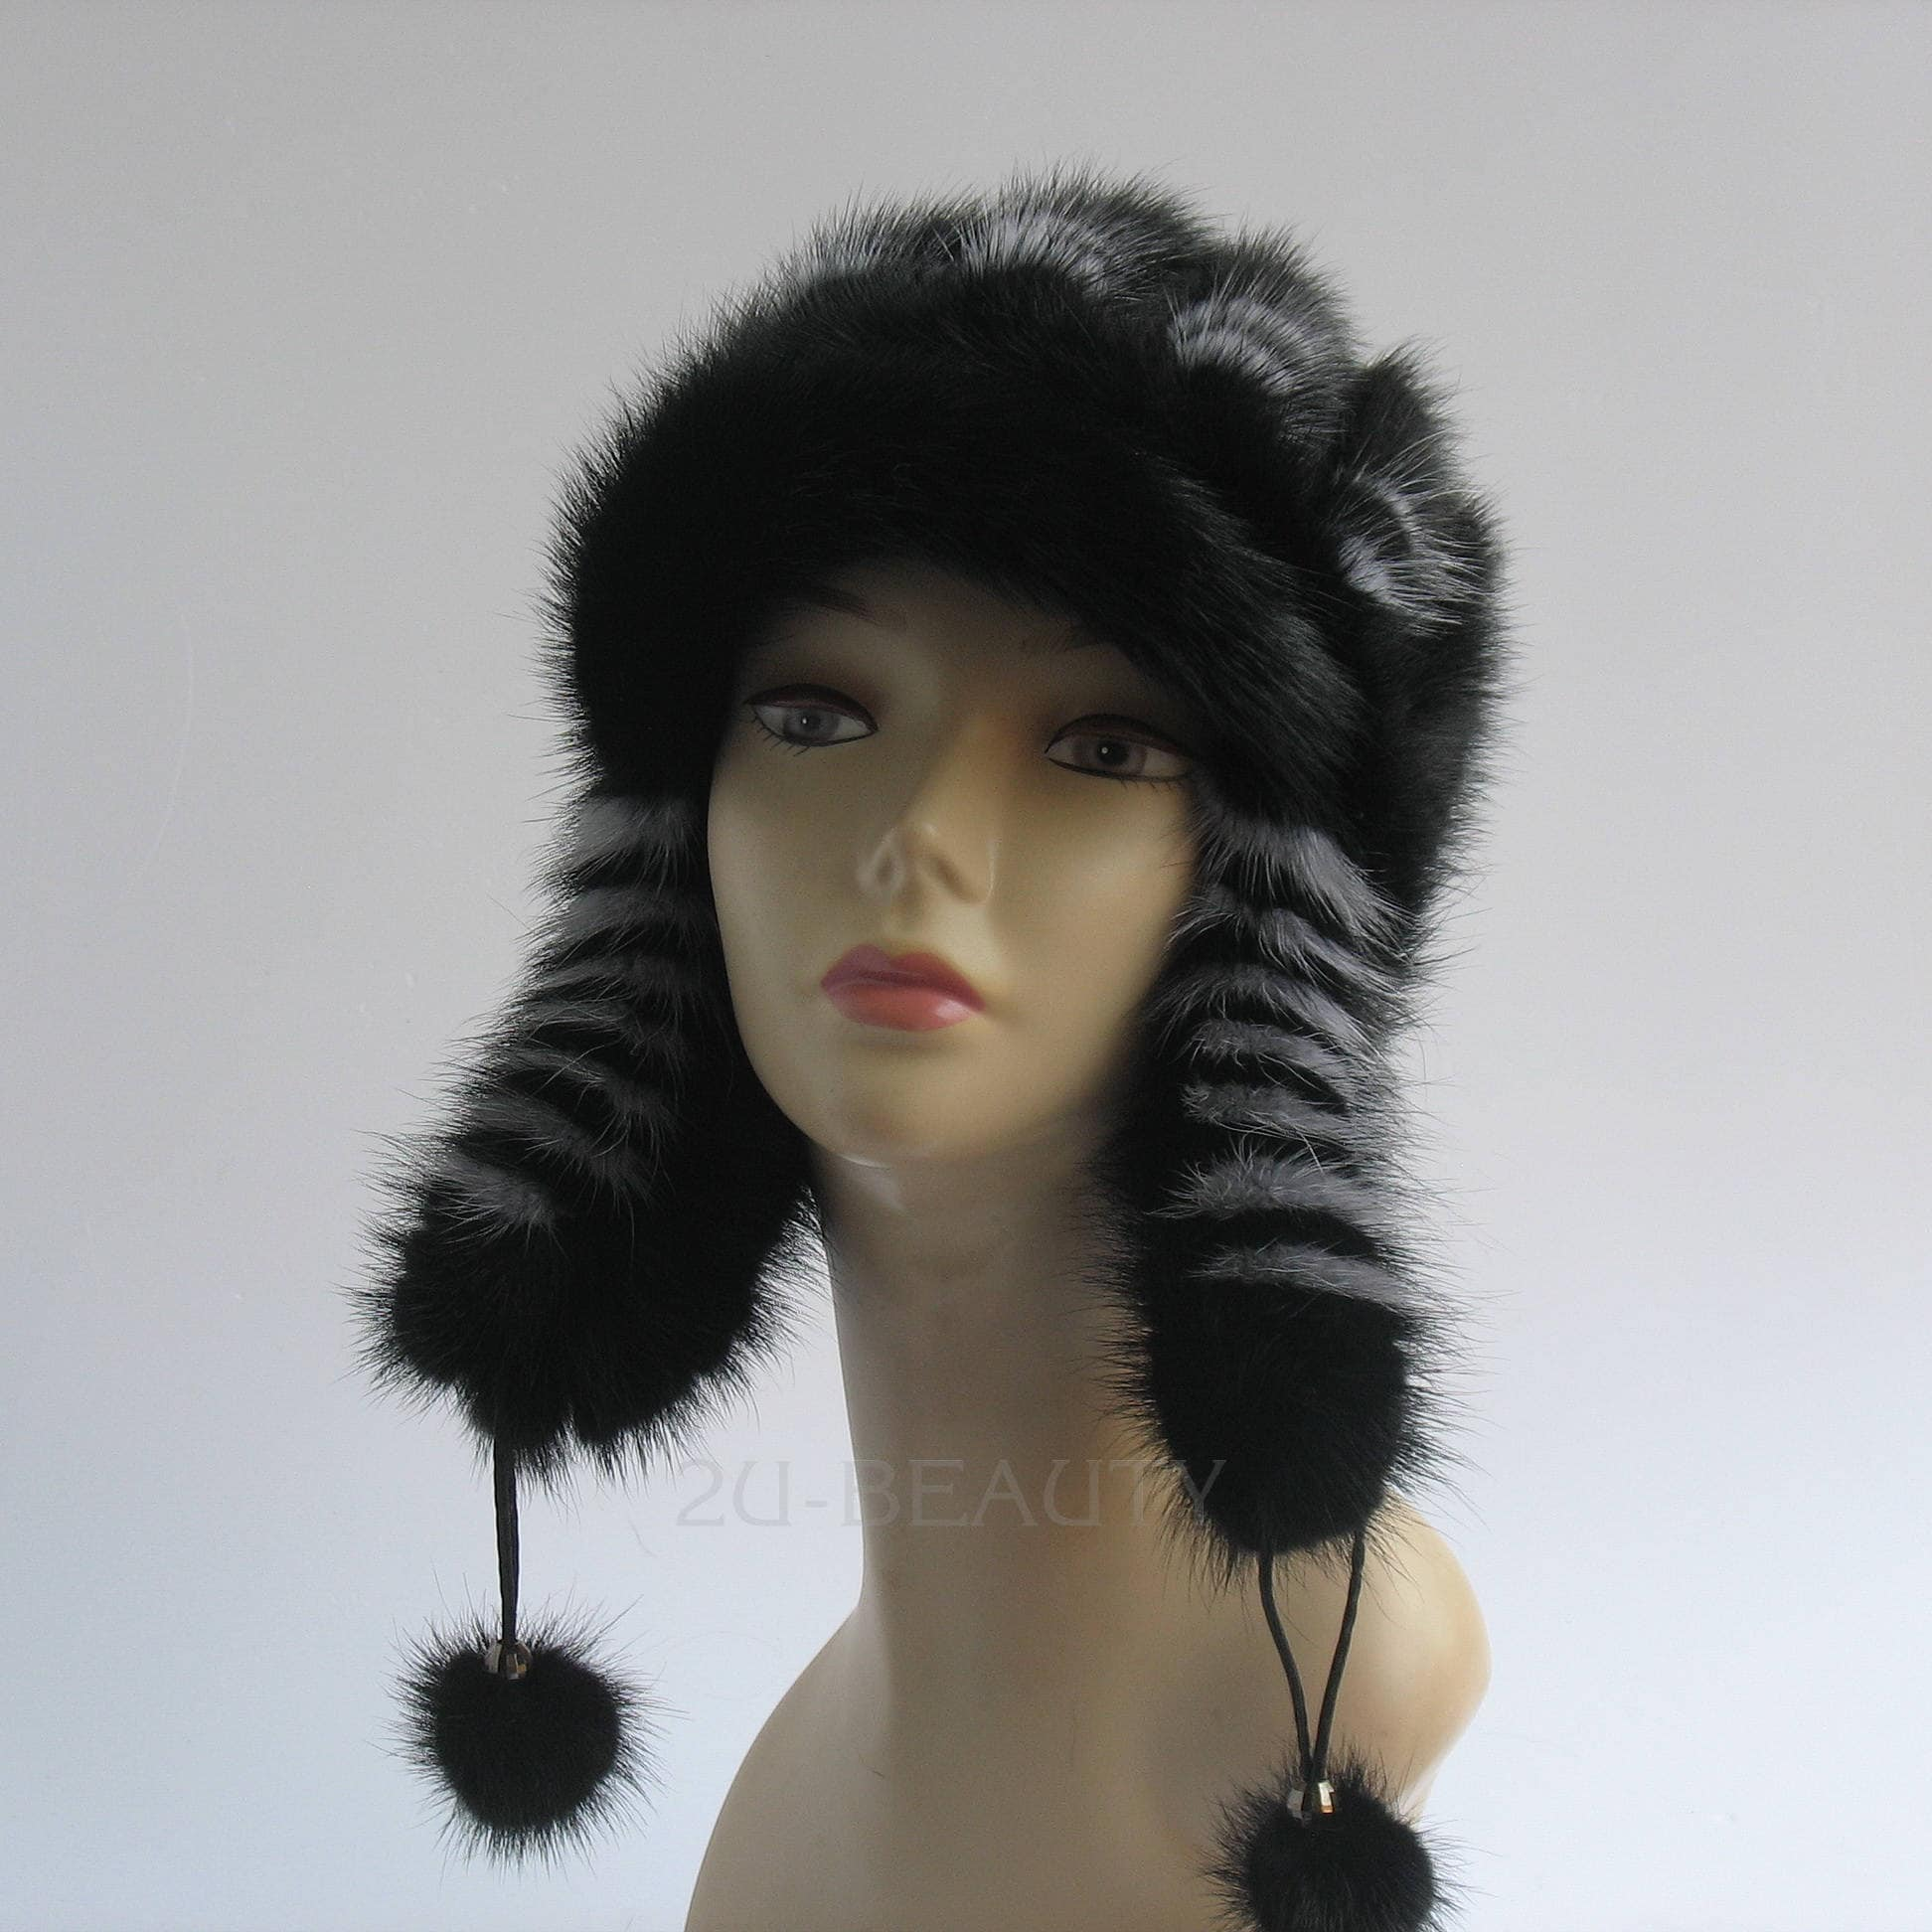 88f32fc8f4d Women winter hat Warm hat Pom pom beanie Pom pom hat Knit